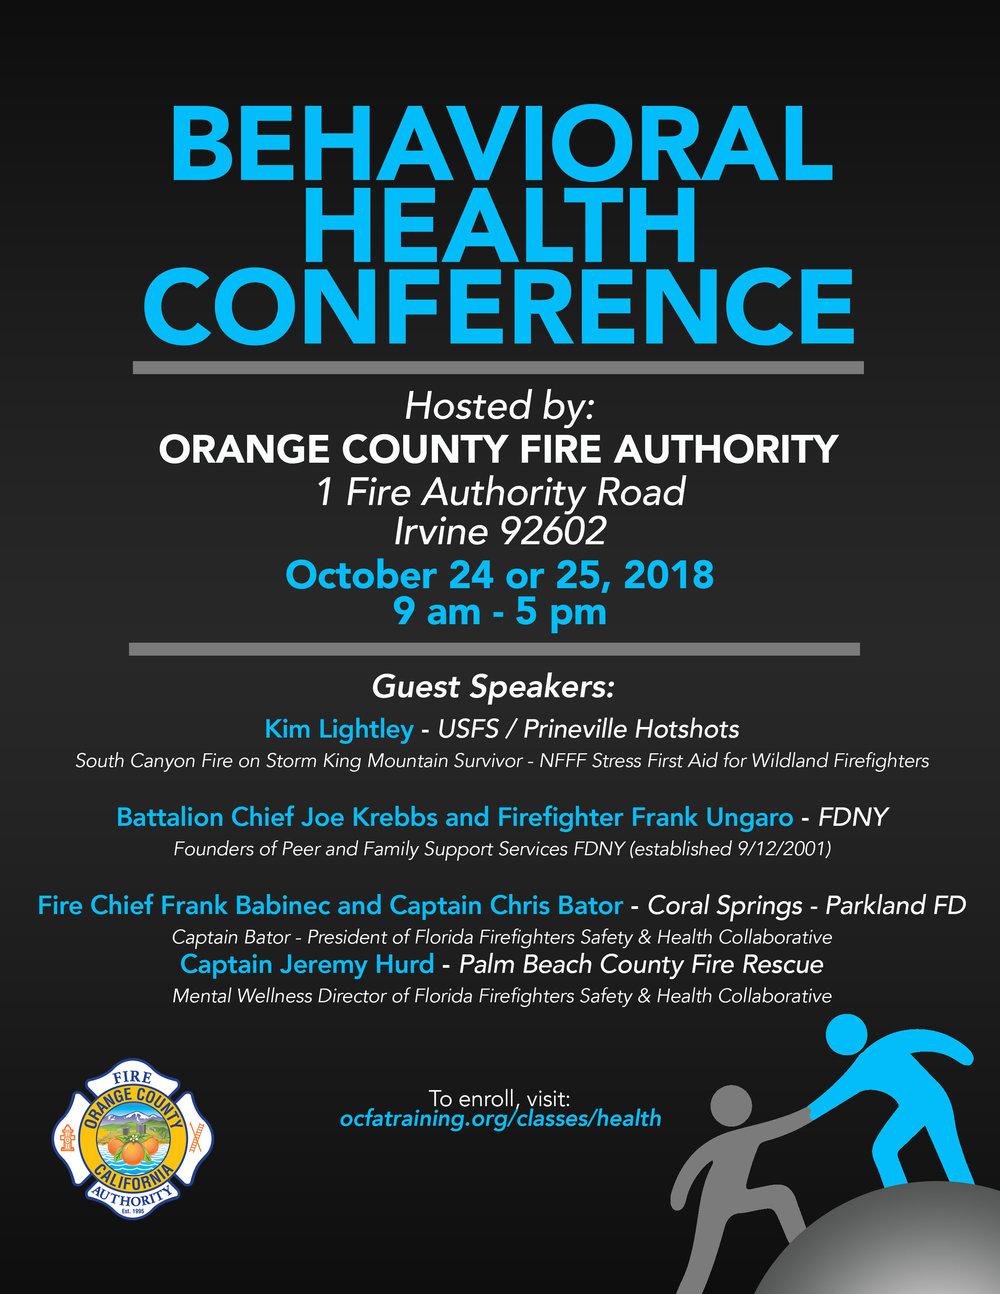 Behavioral Health Conference Flyer